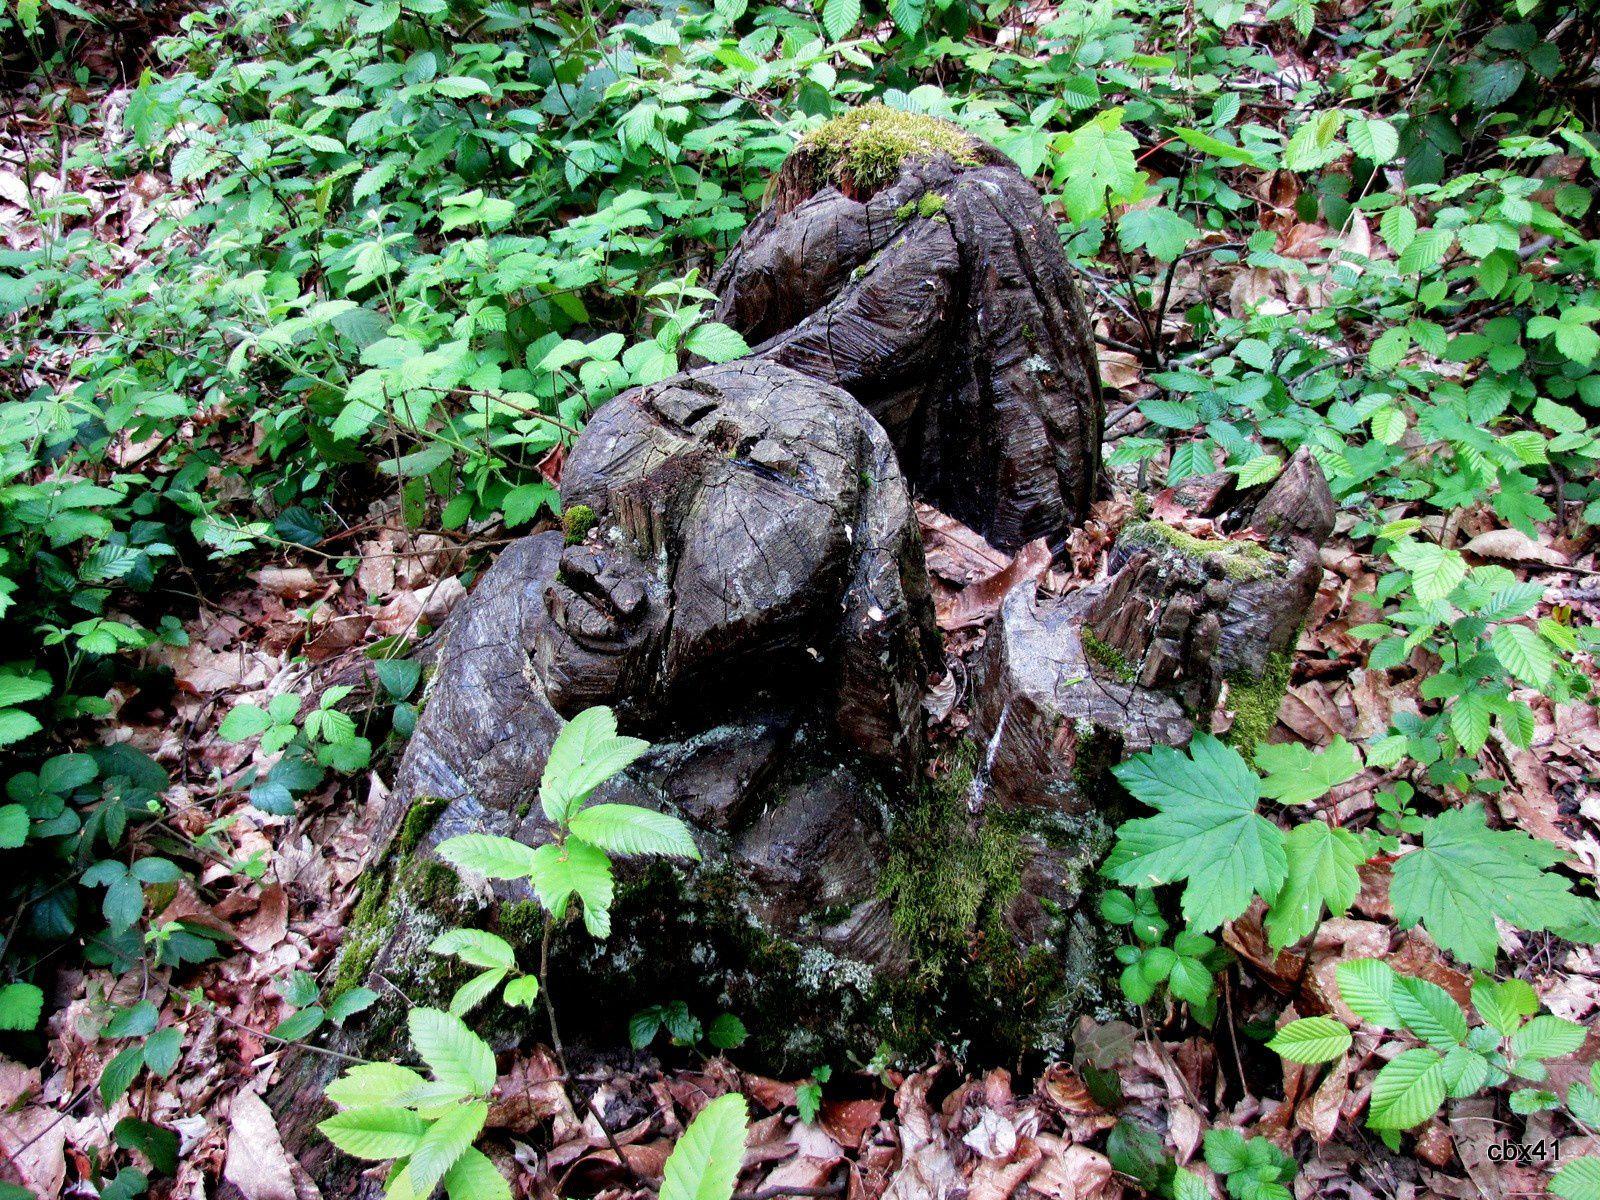 Souche sculptée (visage) dans le parc de Marly